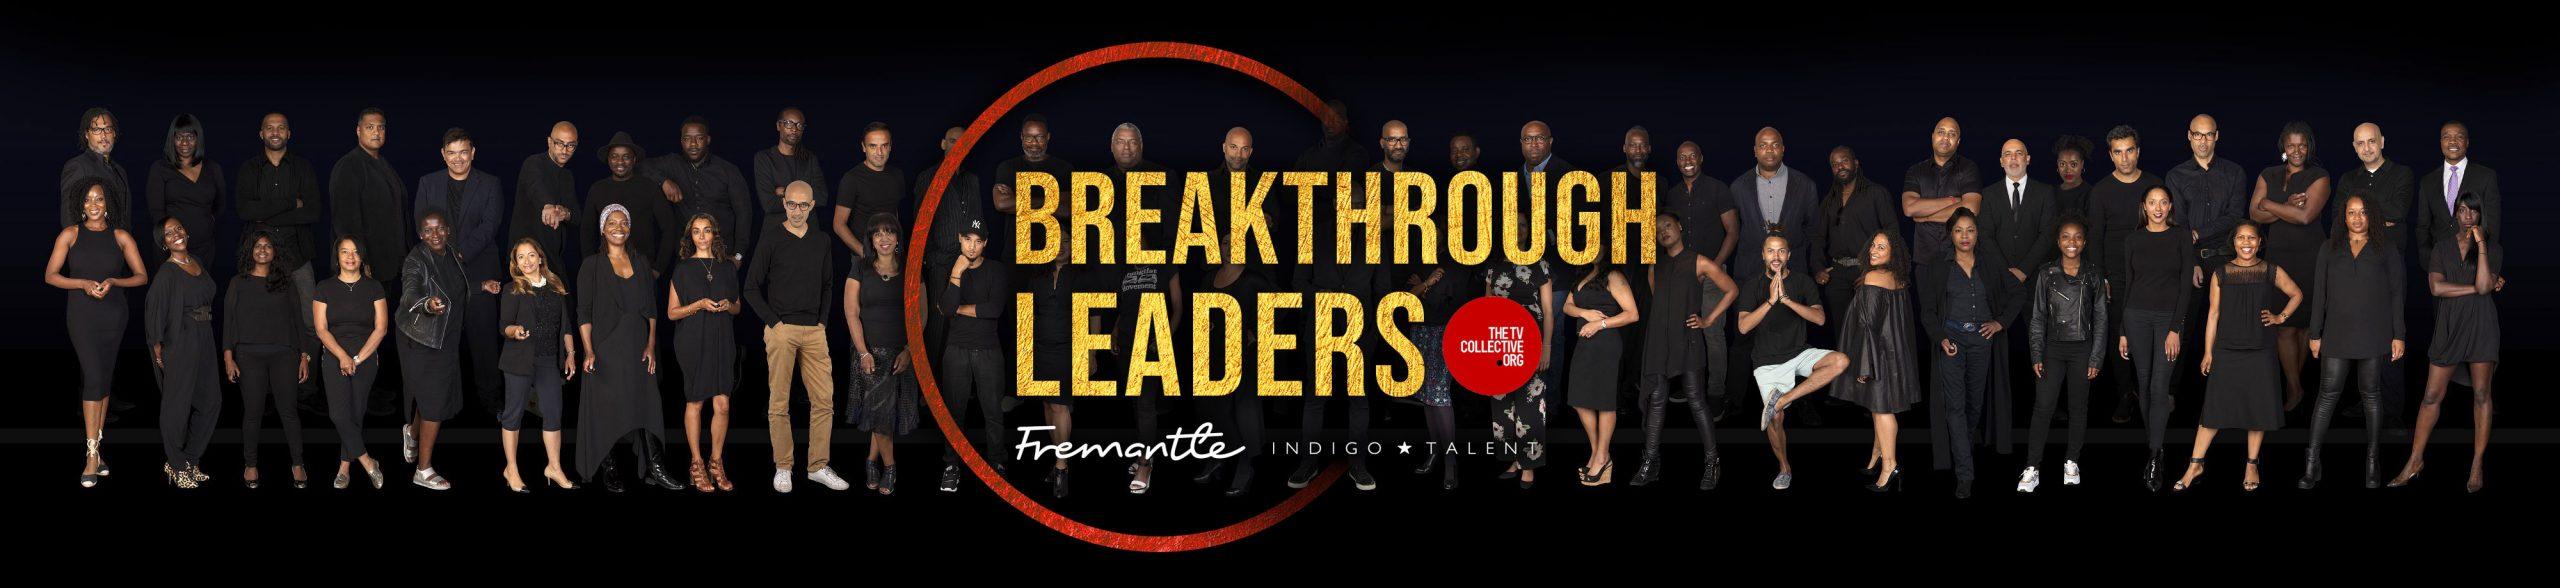 Future Breakthrough Leaders